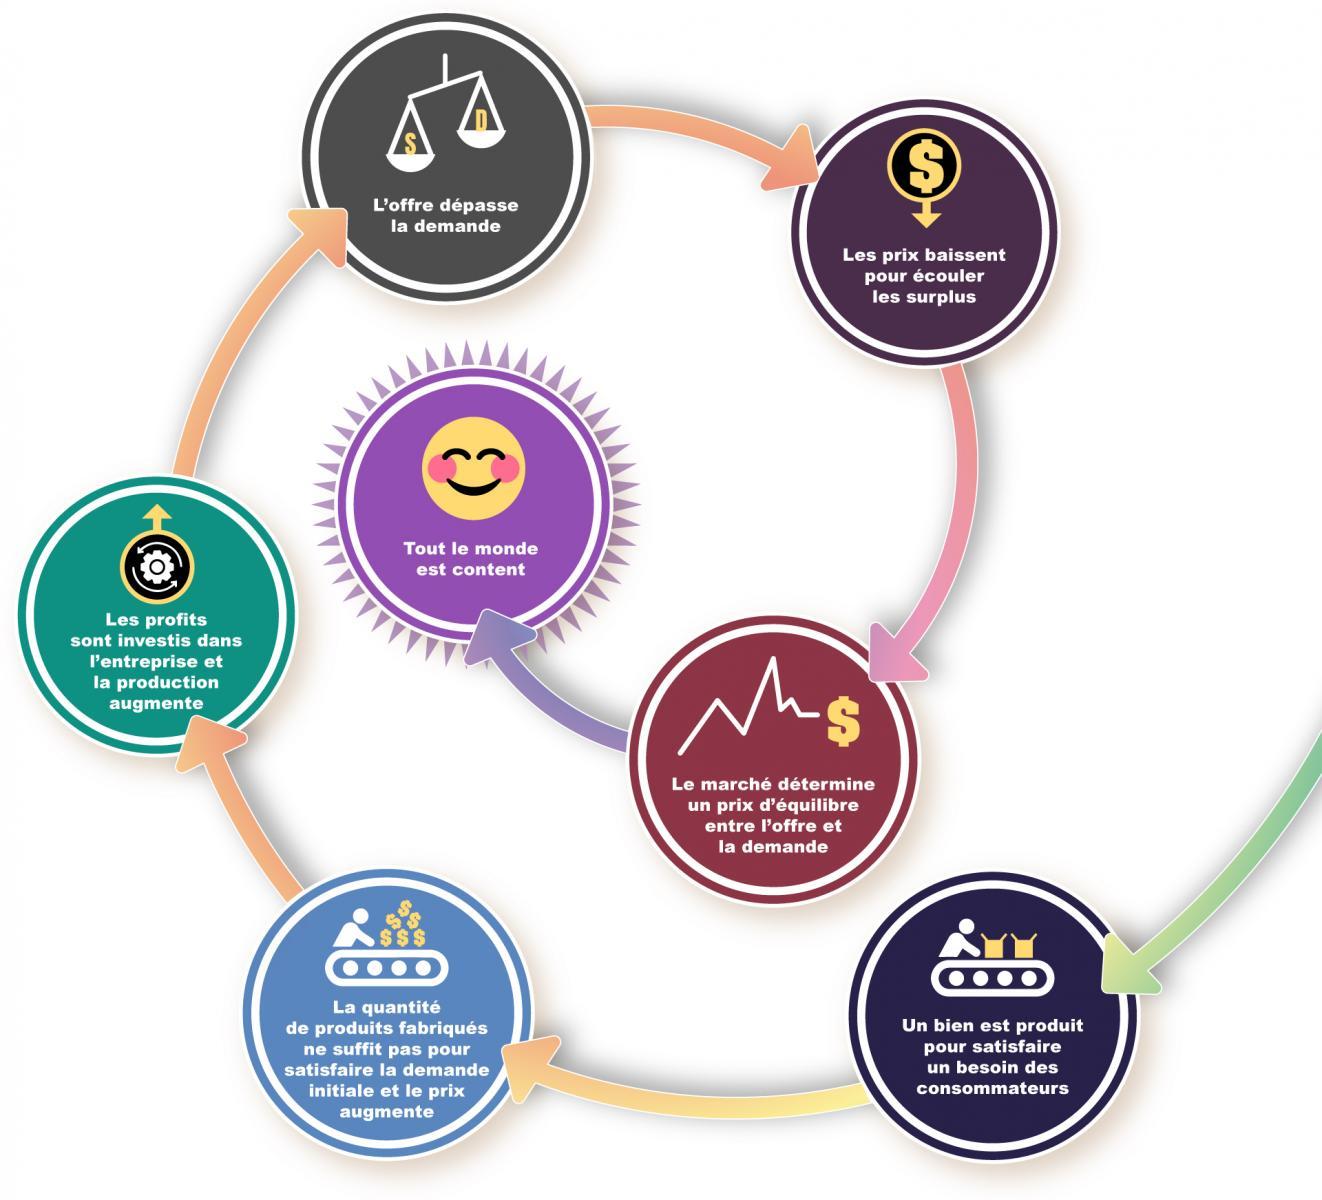 Diagramme composé d'ovales et de cercles colorés et reliés par des flèches où sont décrits les facteurs liés à l'offre et à la demande.